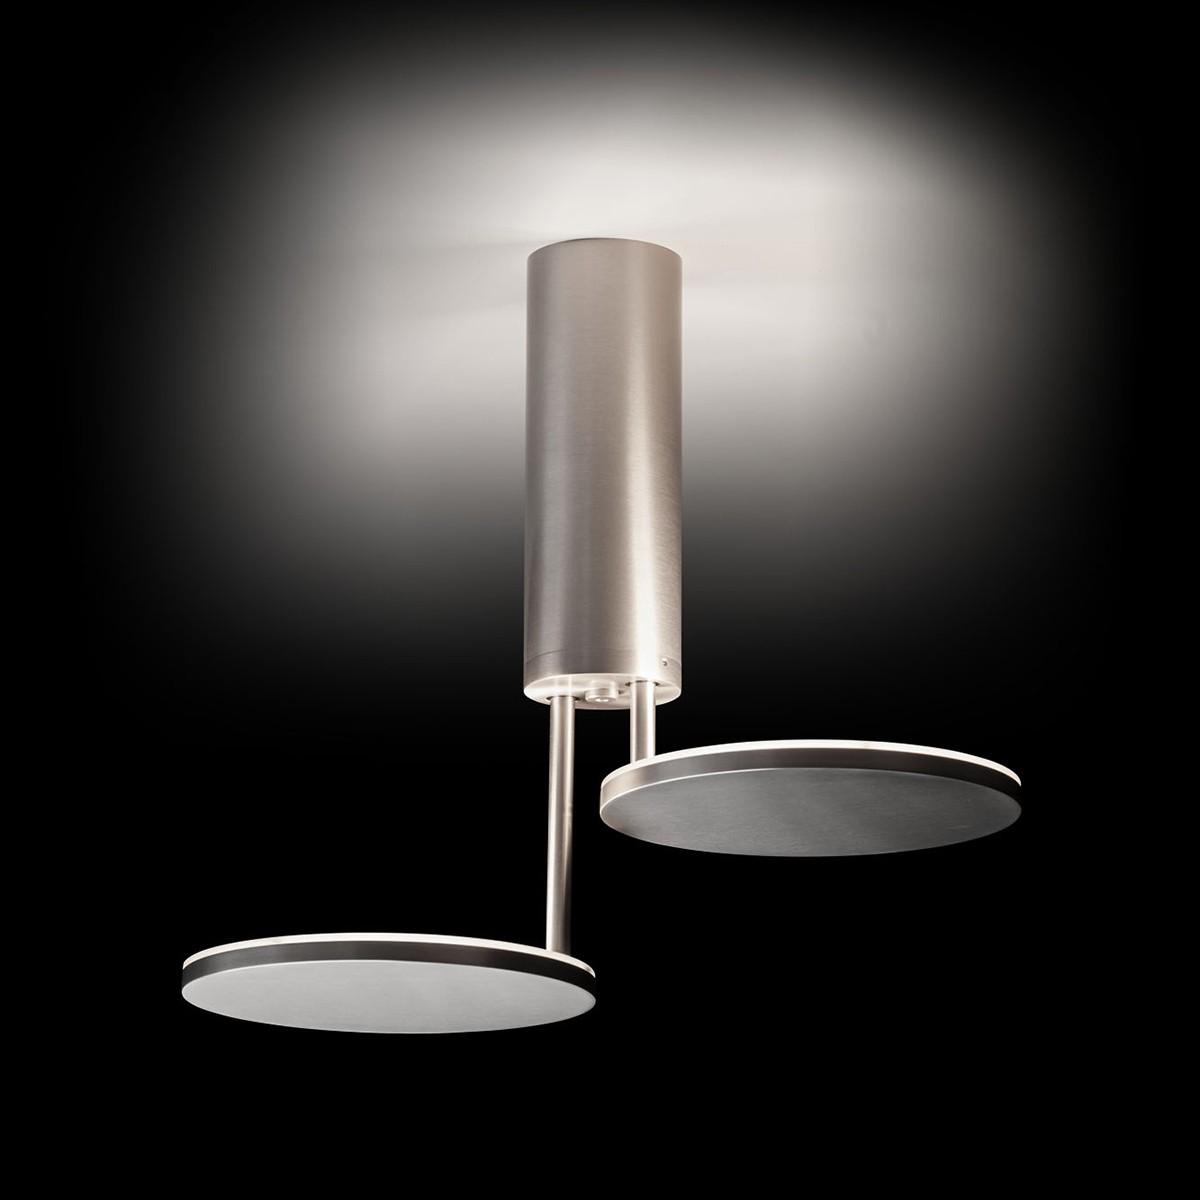 Holtkötter Leuchten Invader LED Deckenleuchte, Aluminium matt